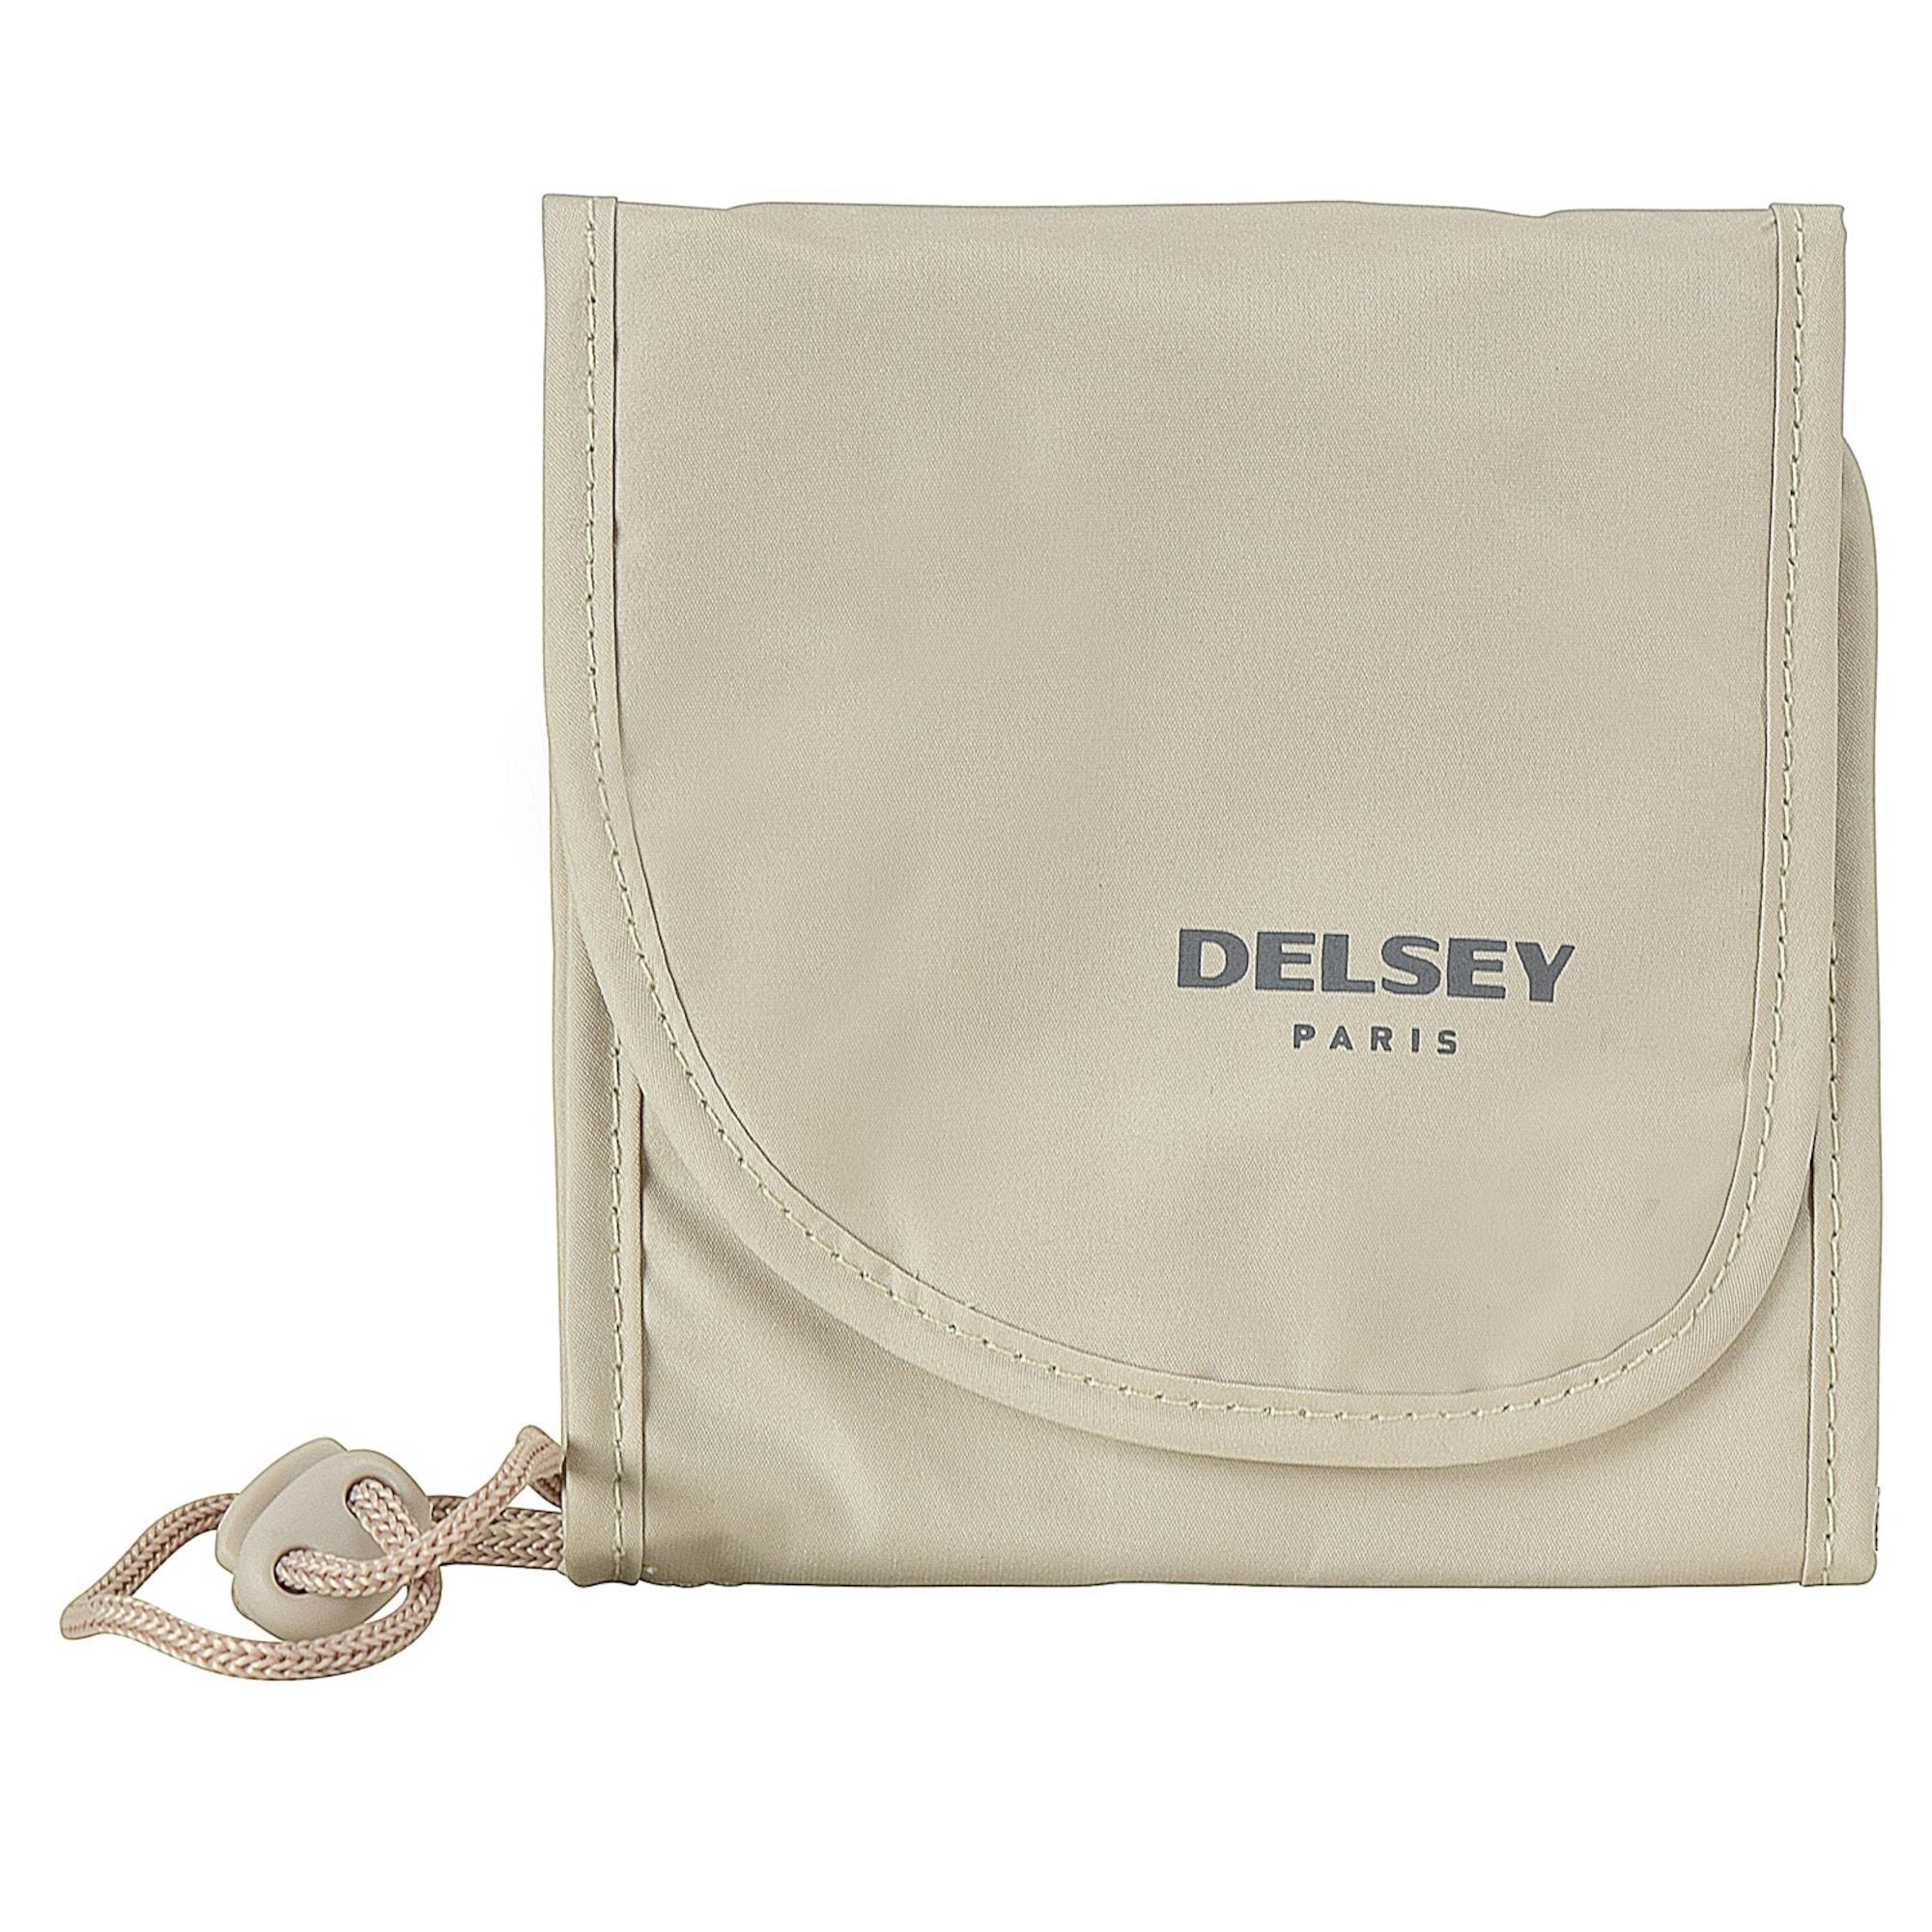 Brustbeutel   Accessoires > Portemonnaies > Brustbeutel   Delsey